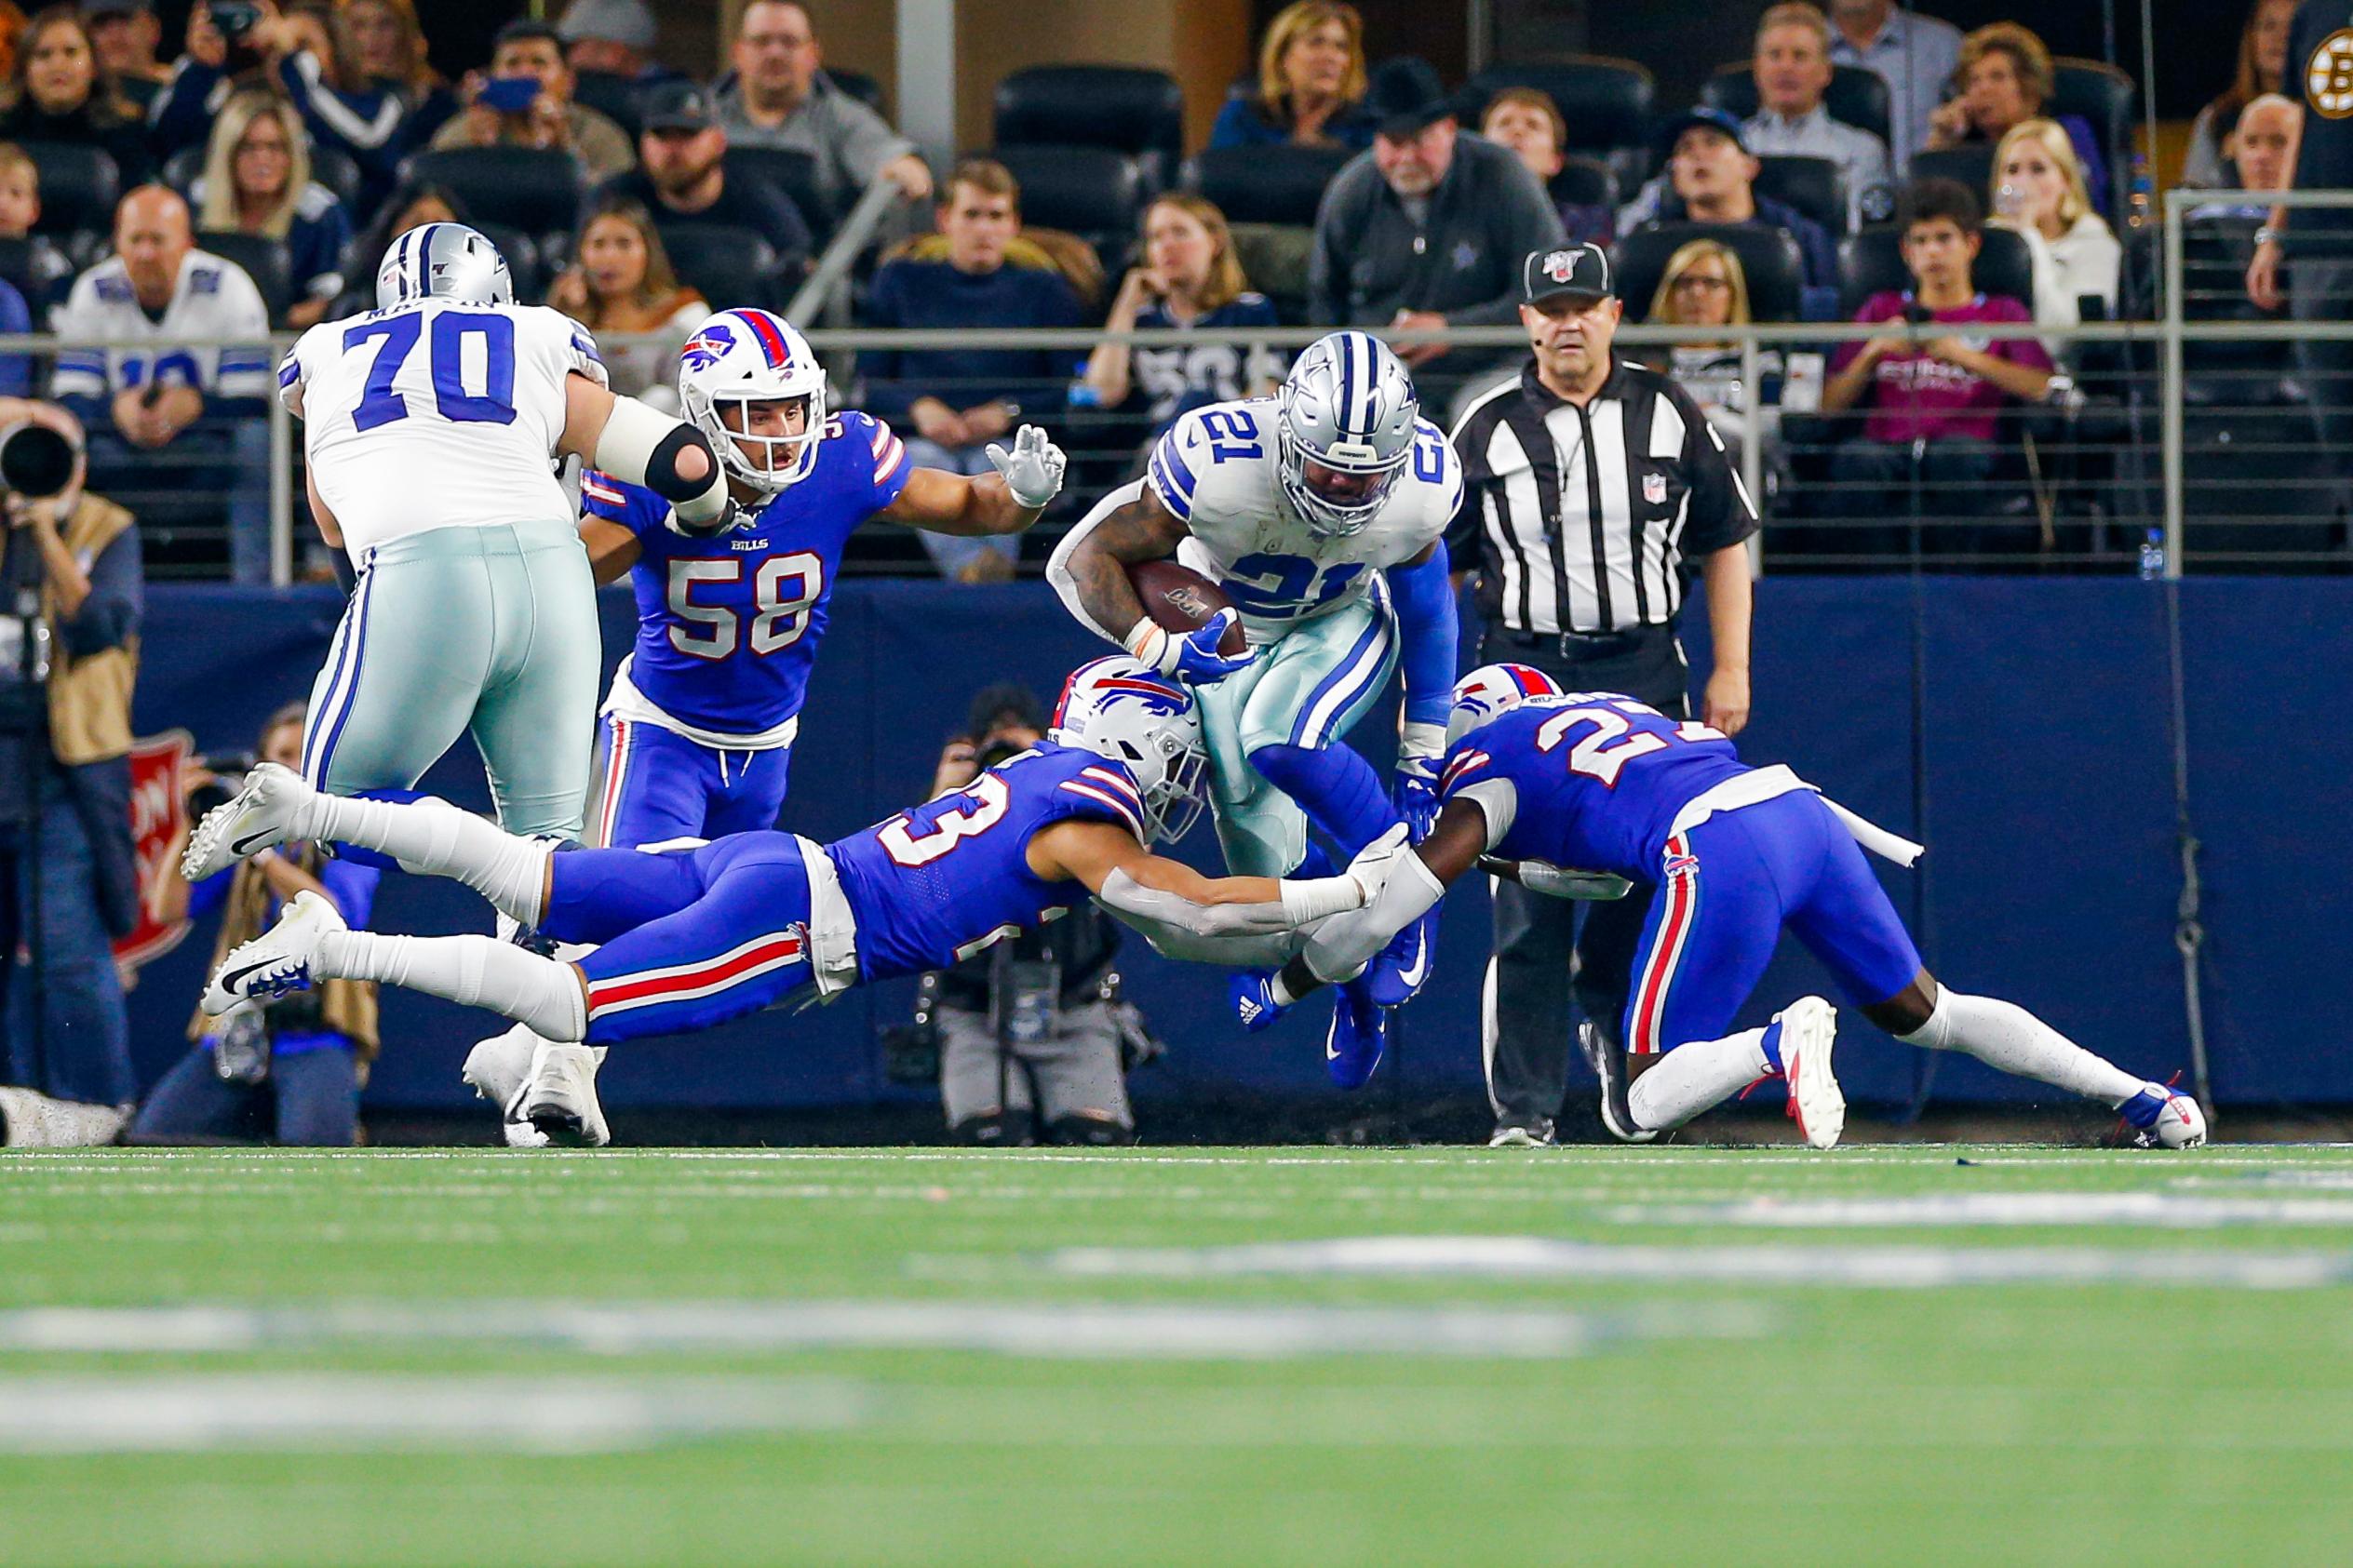 NFL: NOV 28 Bills at Cowboys